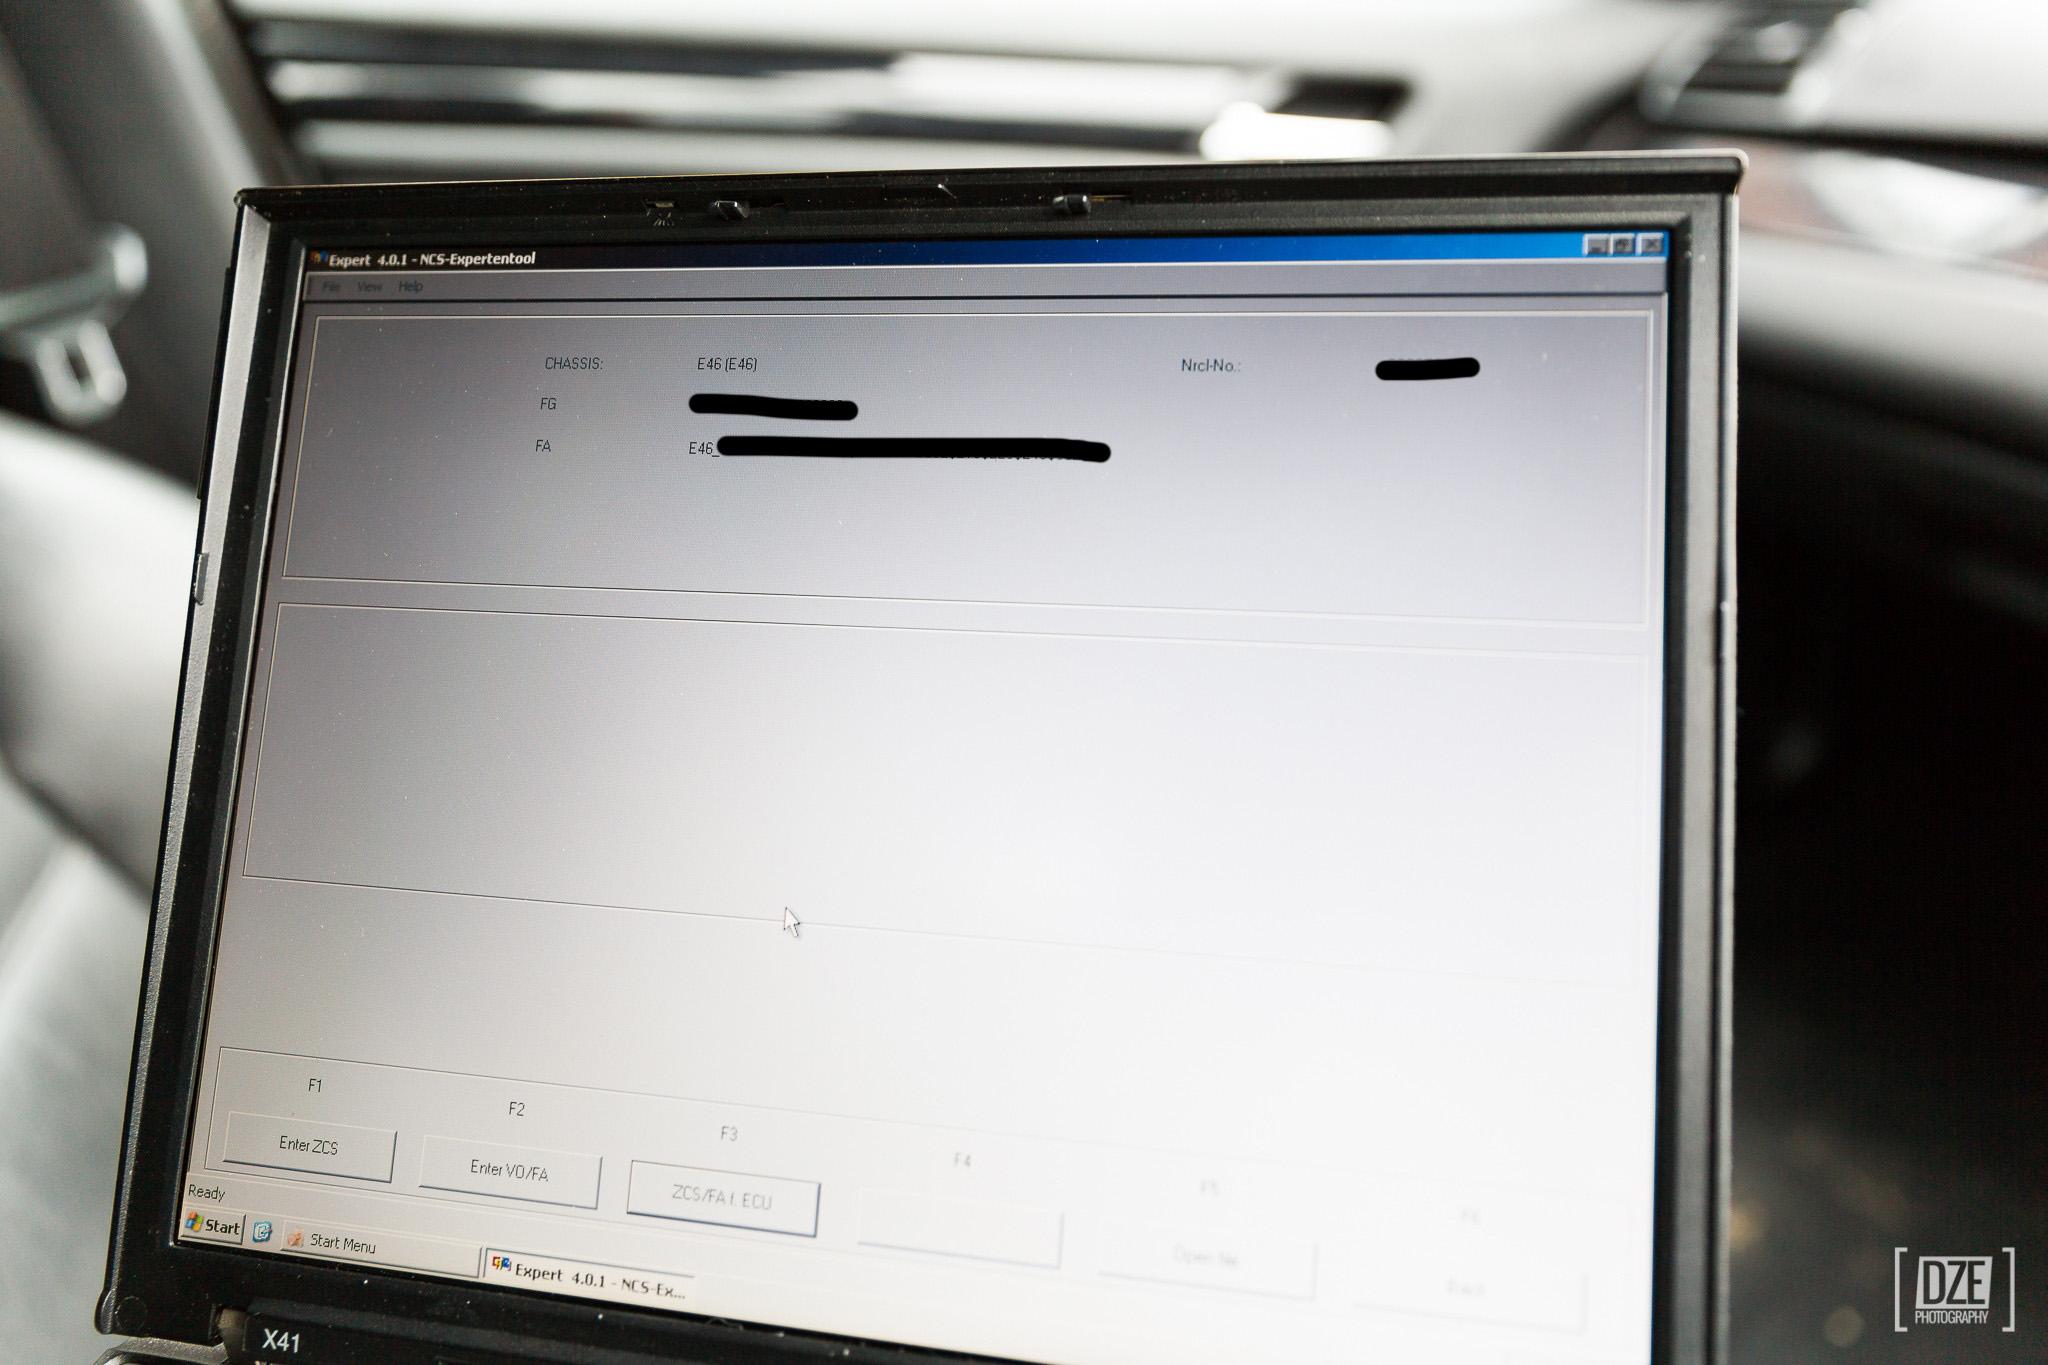 NCS Expert coding detailed how-to guide – E46   Daze's E46 330D